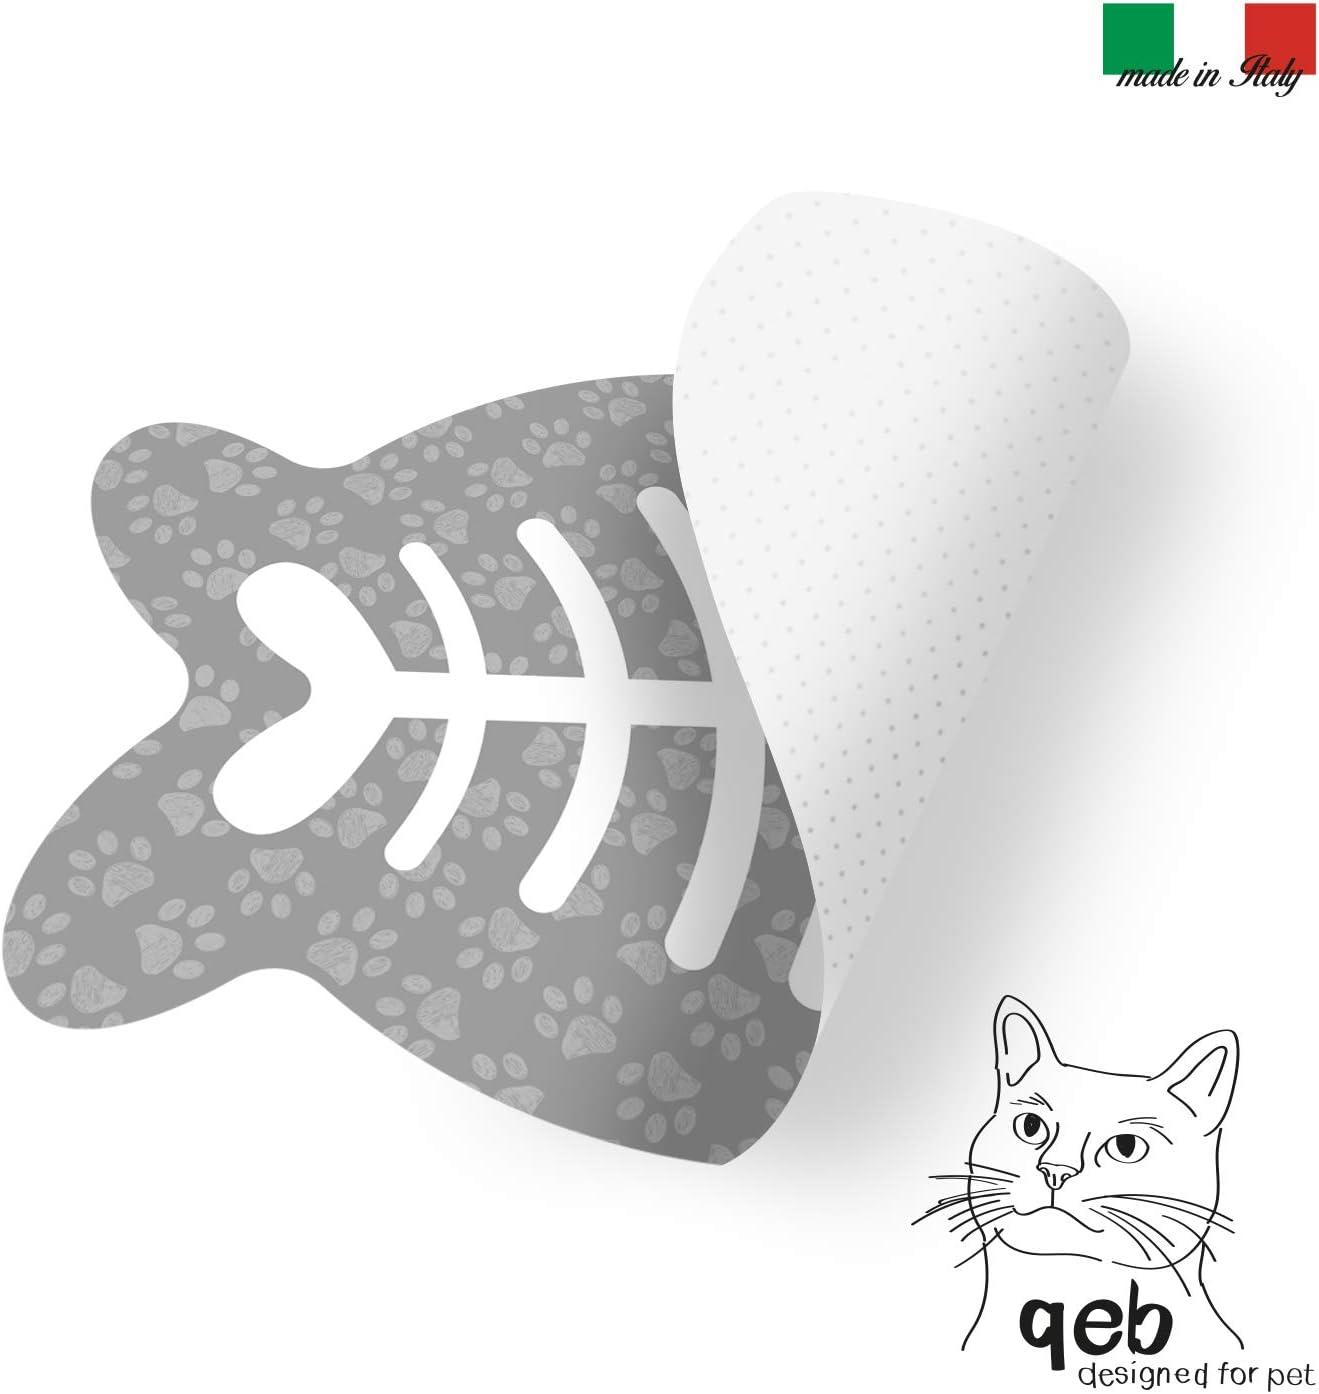 45x30 cm con Pesce Grigio Q/&BGRAFICHE Sottociotola per Gatti Colore Grigio TCAT-GR Idea Regalo Tappetino per Ciotole per Gatti tovaglietta sottociotola AntiGraffio Antiscivolo Lavabile con Pesce